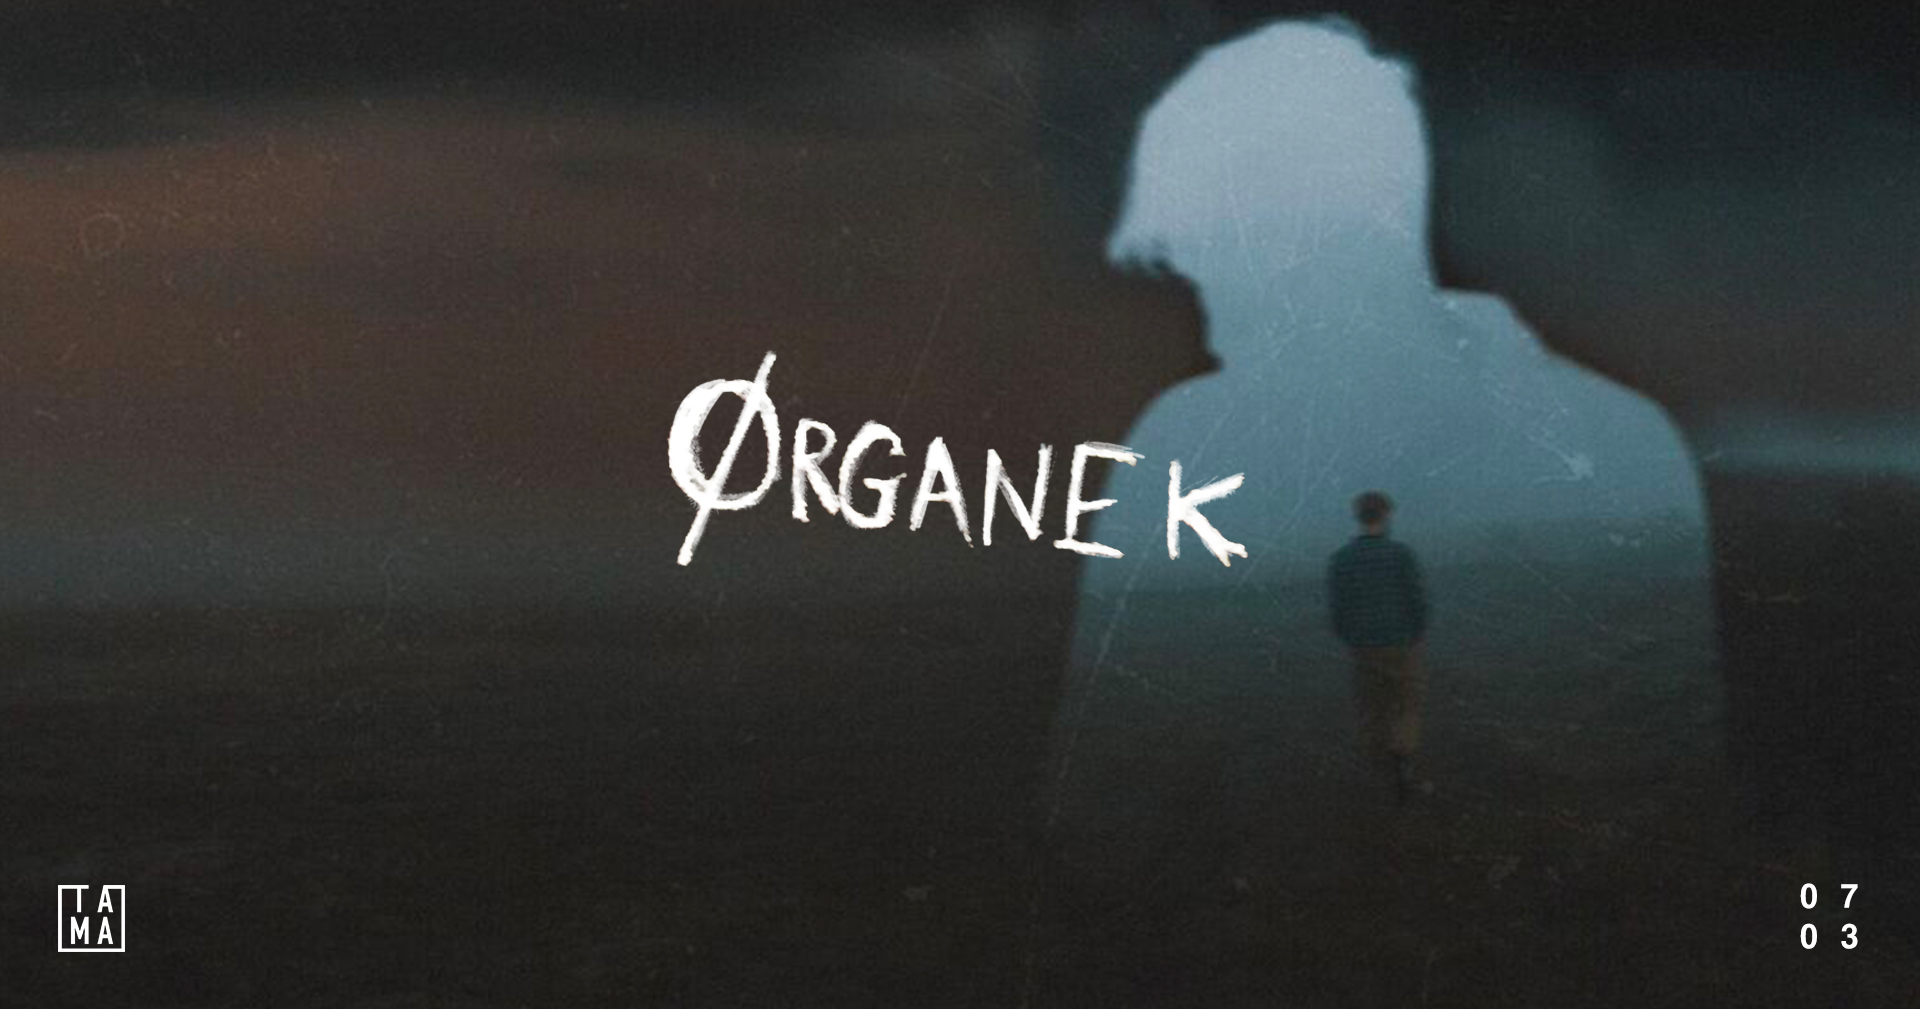 Organek